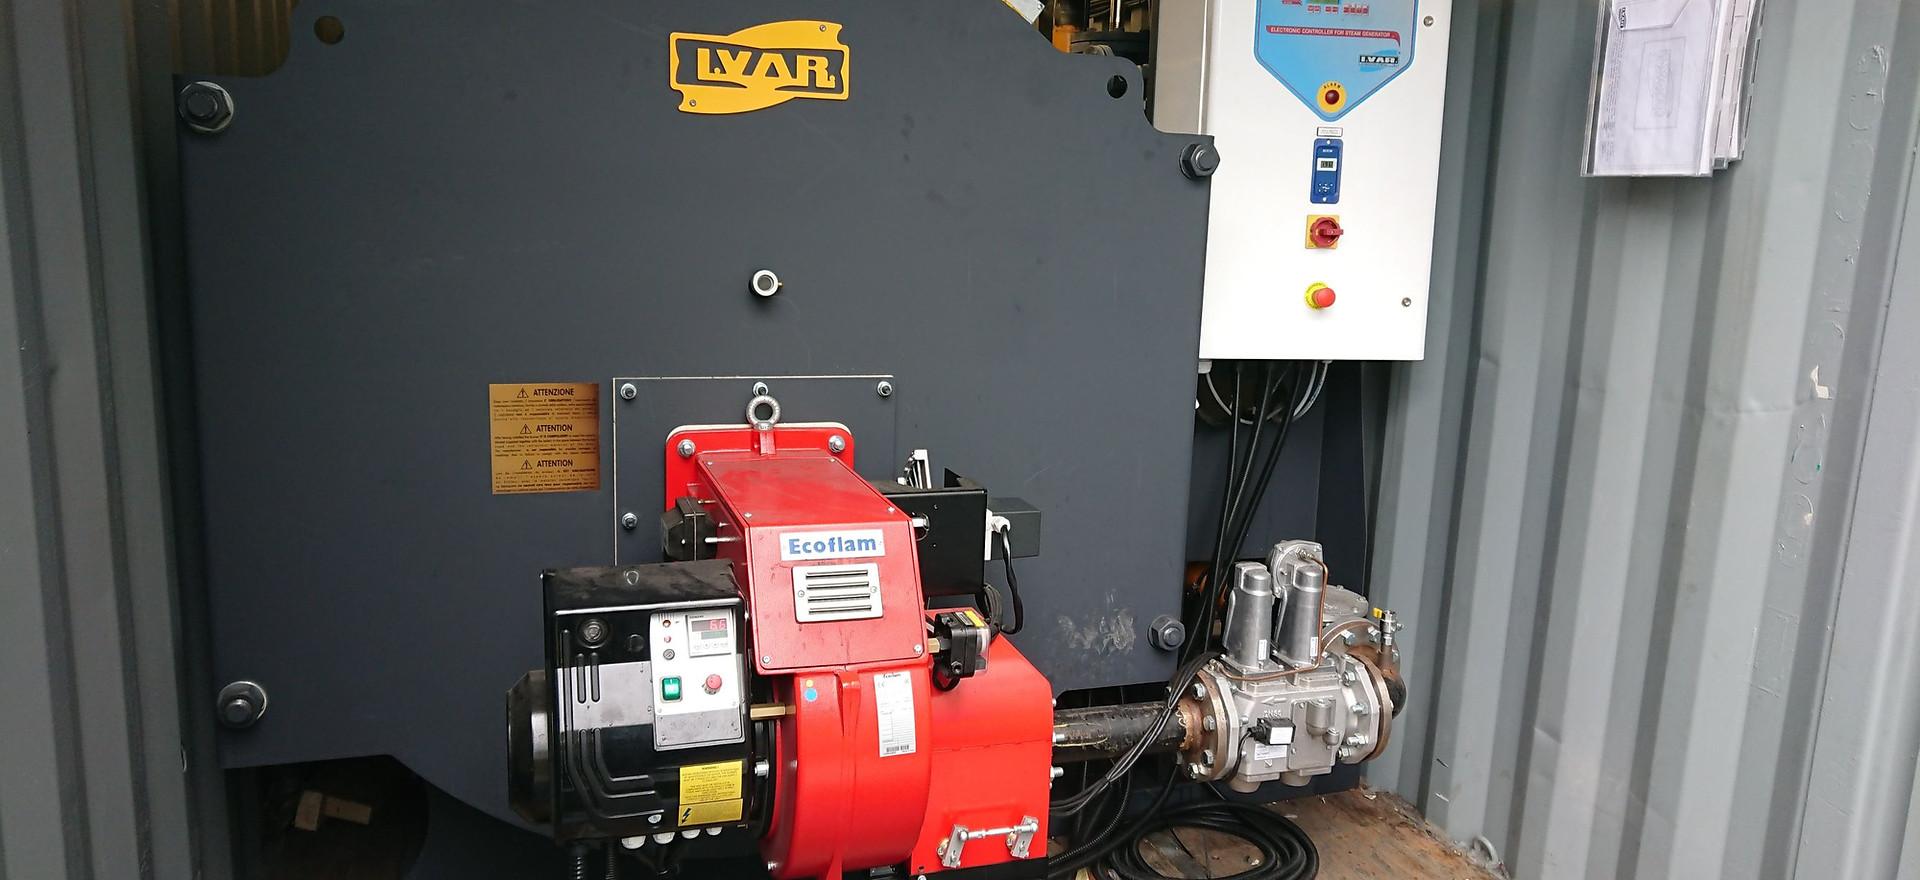 IVAR Boiler